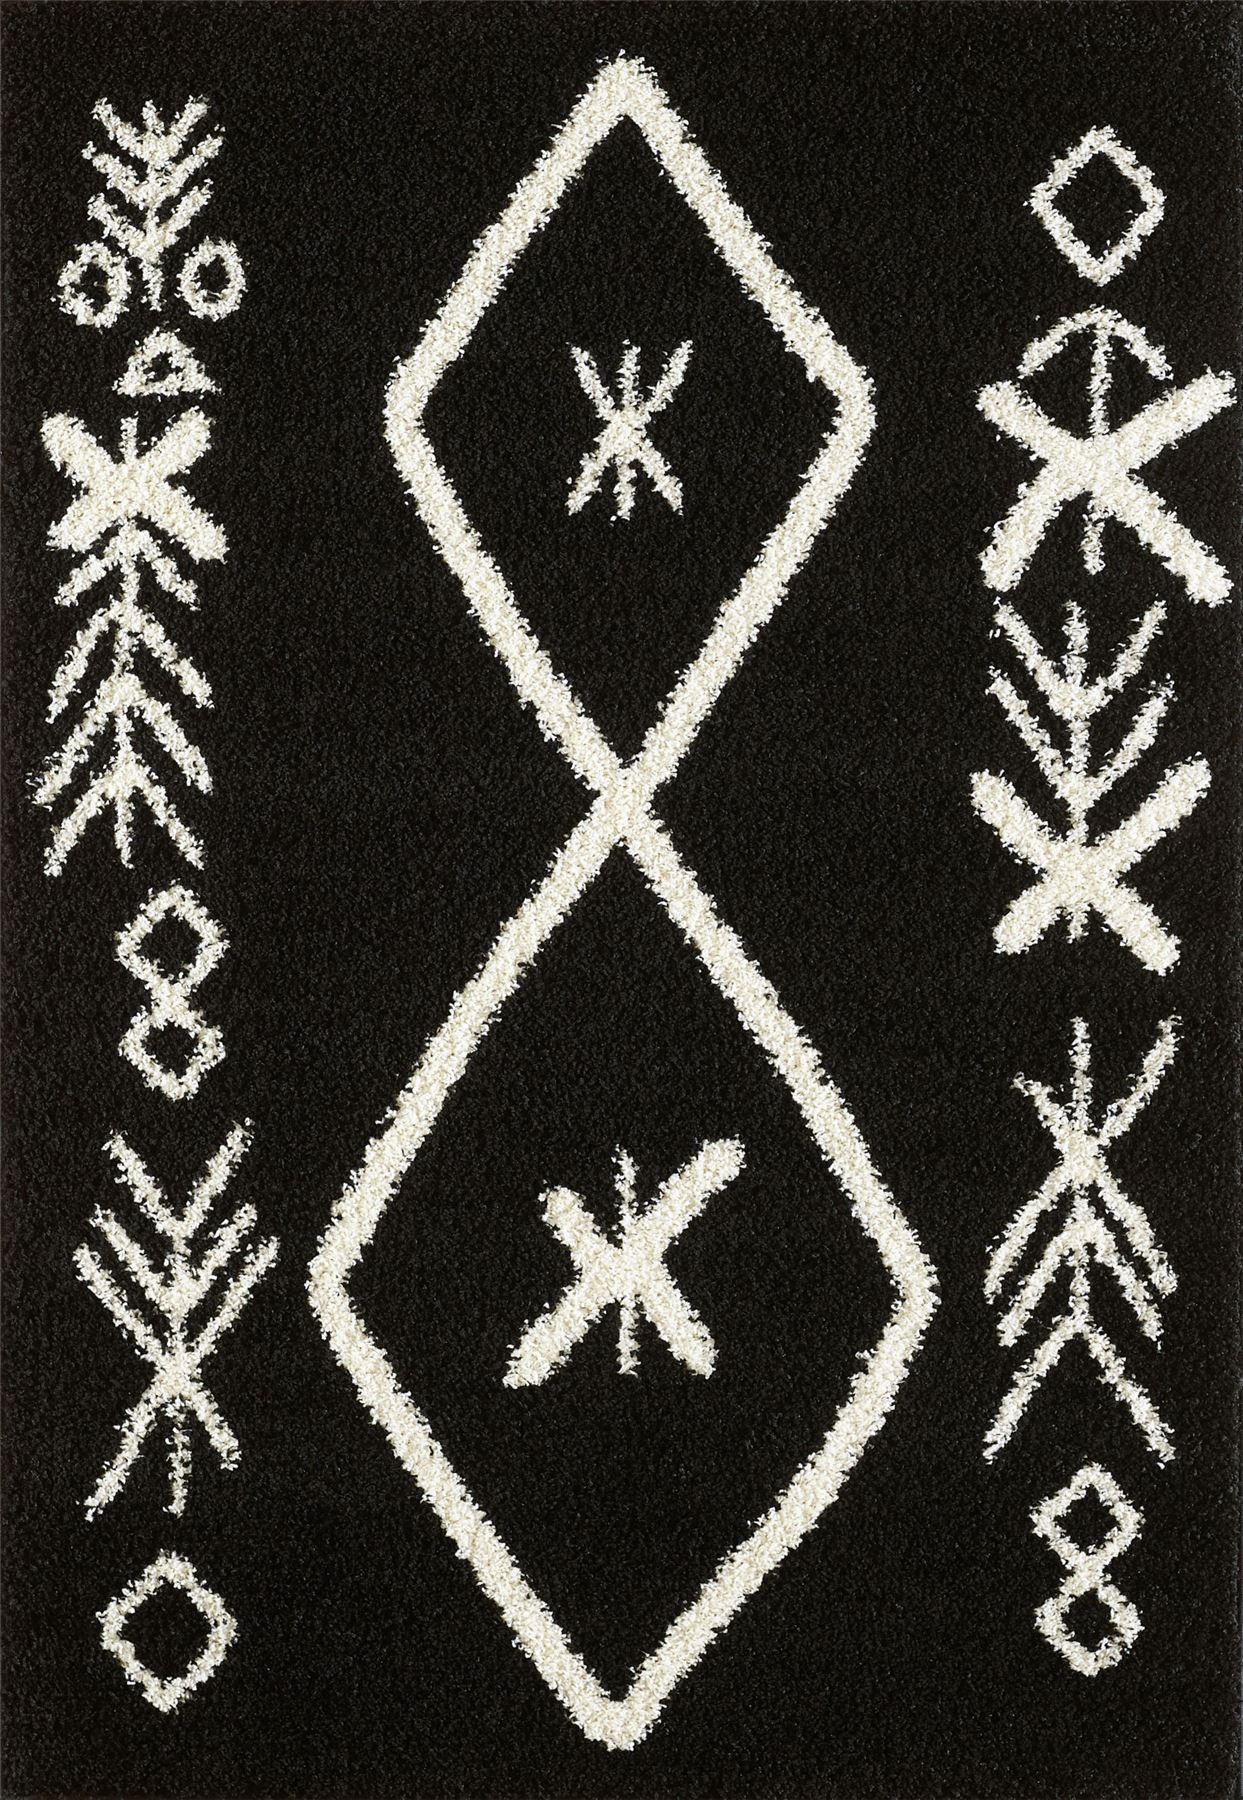 Tappeto-A2Z-Nero-Grigio-Avorio-tradizionale-marocchina-Shaggy-Berber-Boho-Tribal-3cm-Pile miniatura 48